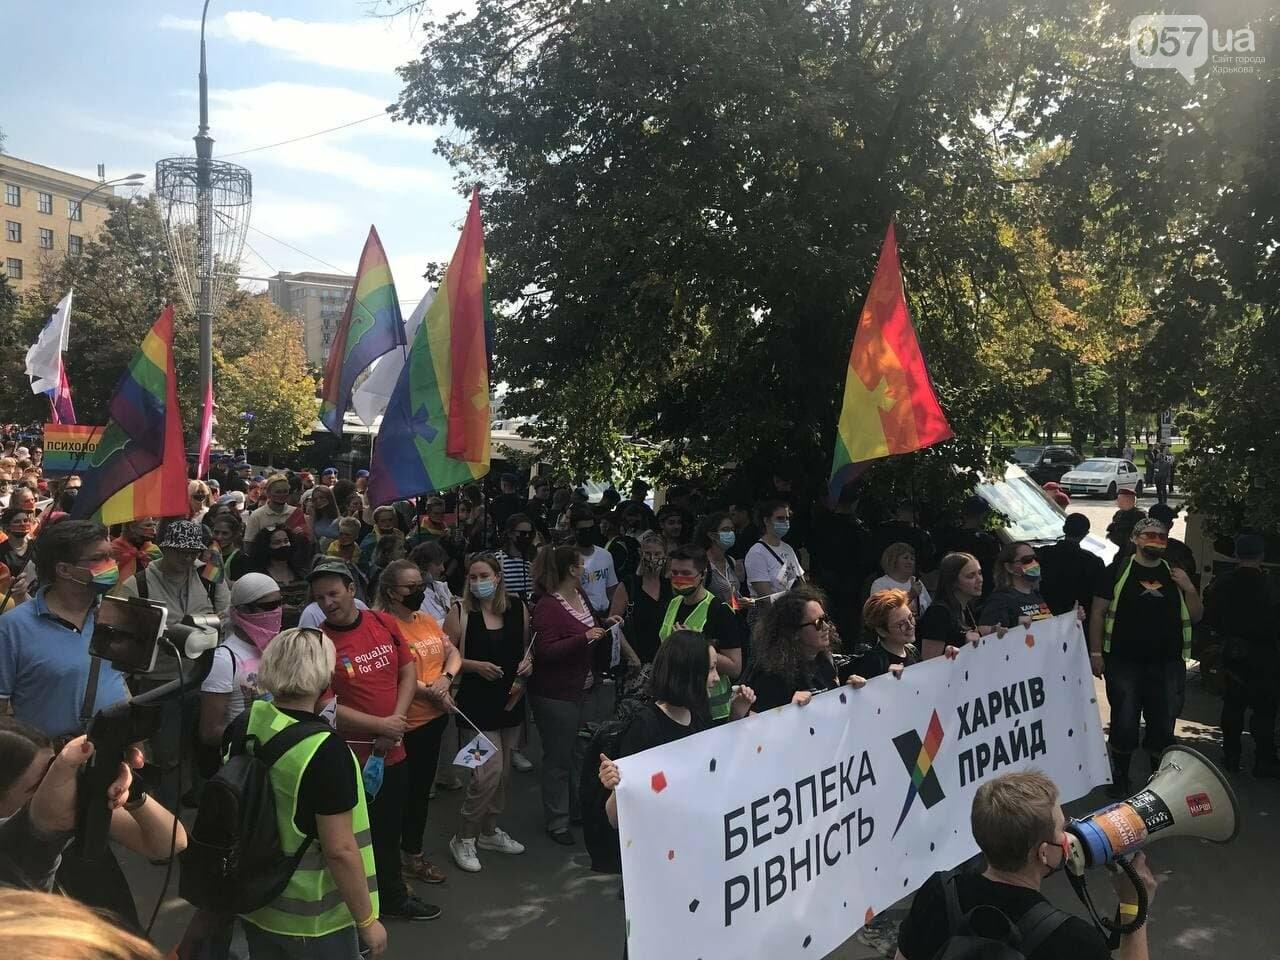 «Нет важней любви». Как в центре Харькова прошел ЛГБТ-марш, - ФОТОРЕПОРТАЖ, фото-14